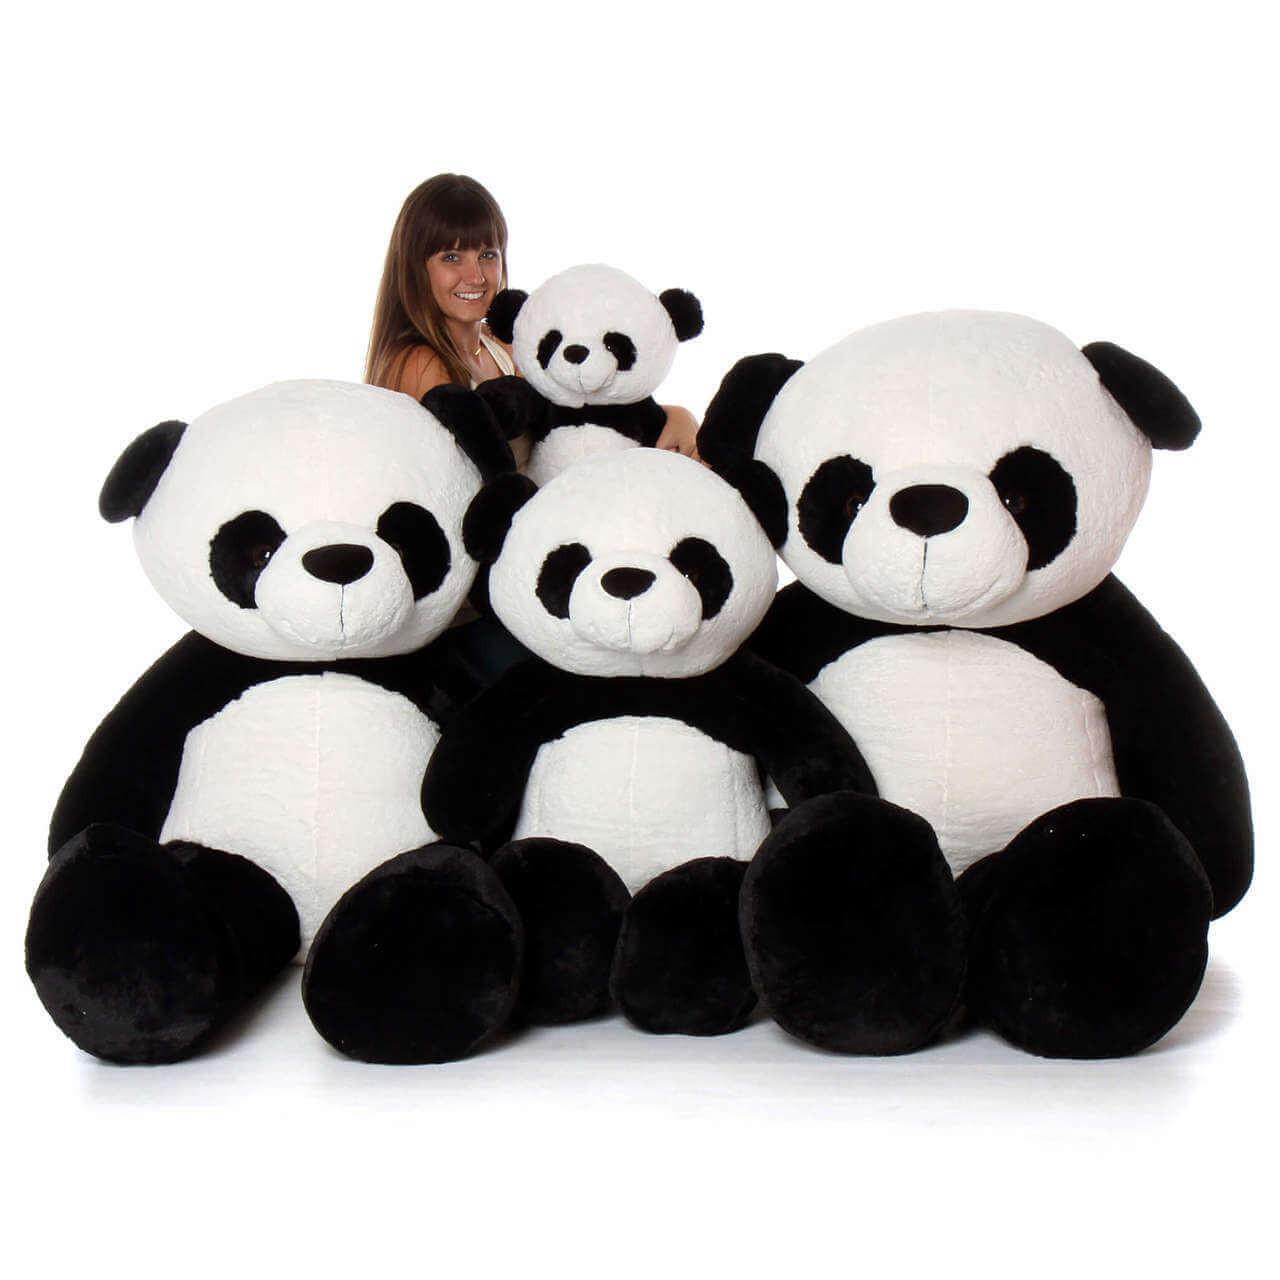 6ft Rocky Panda Family